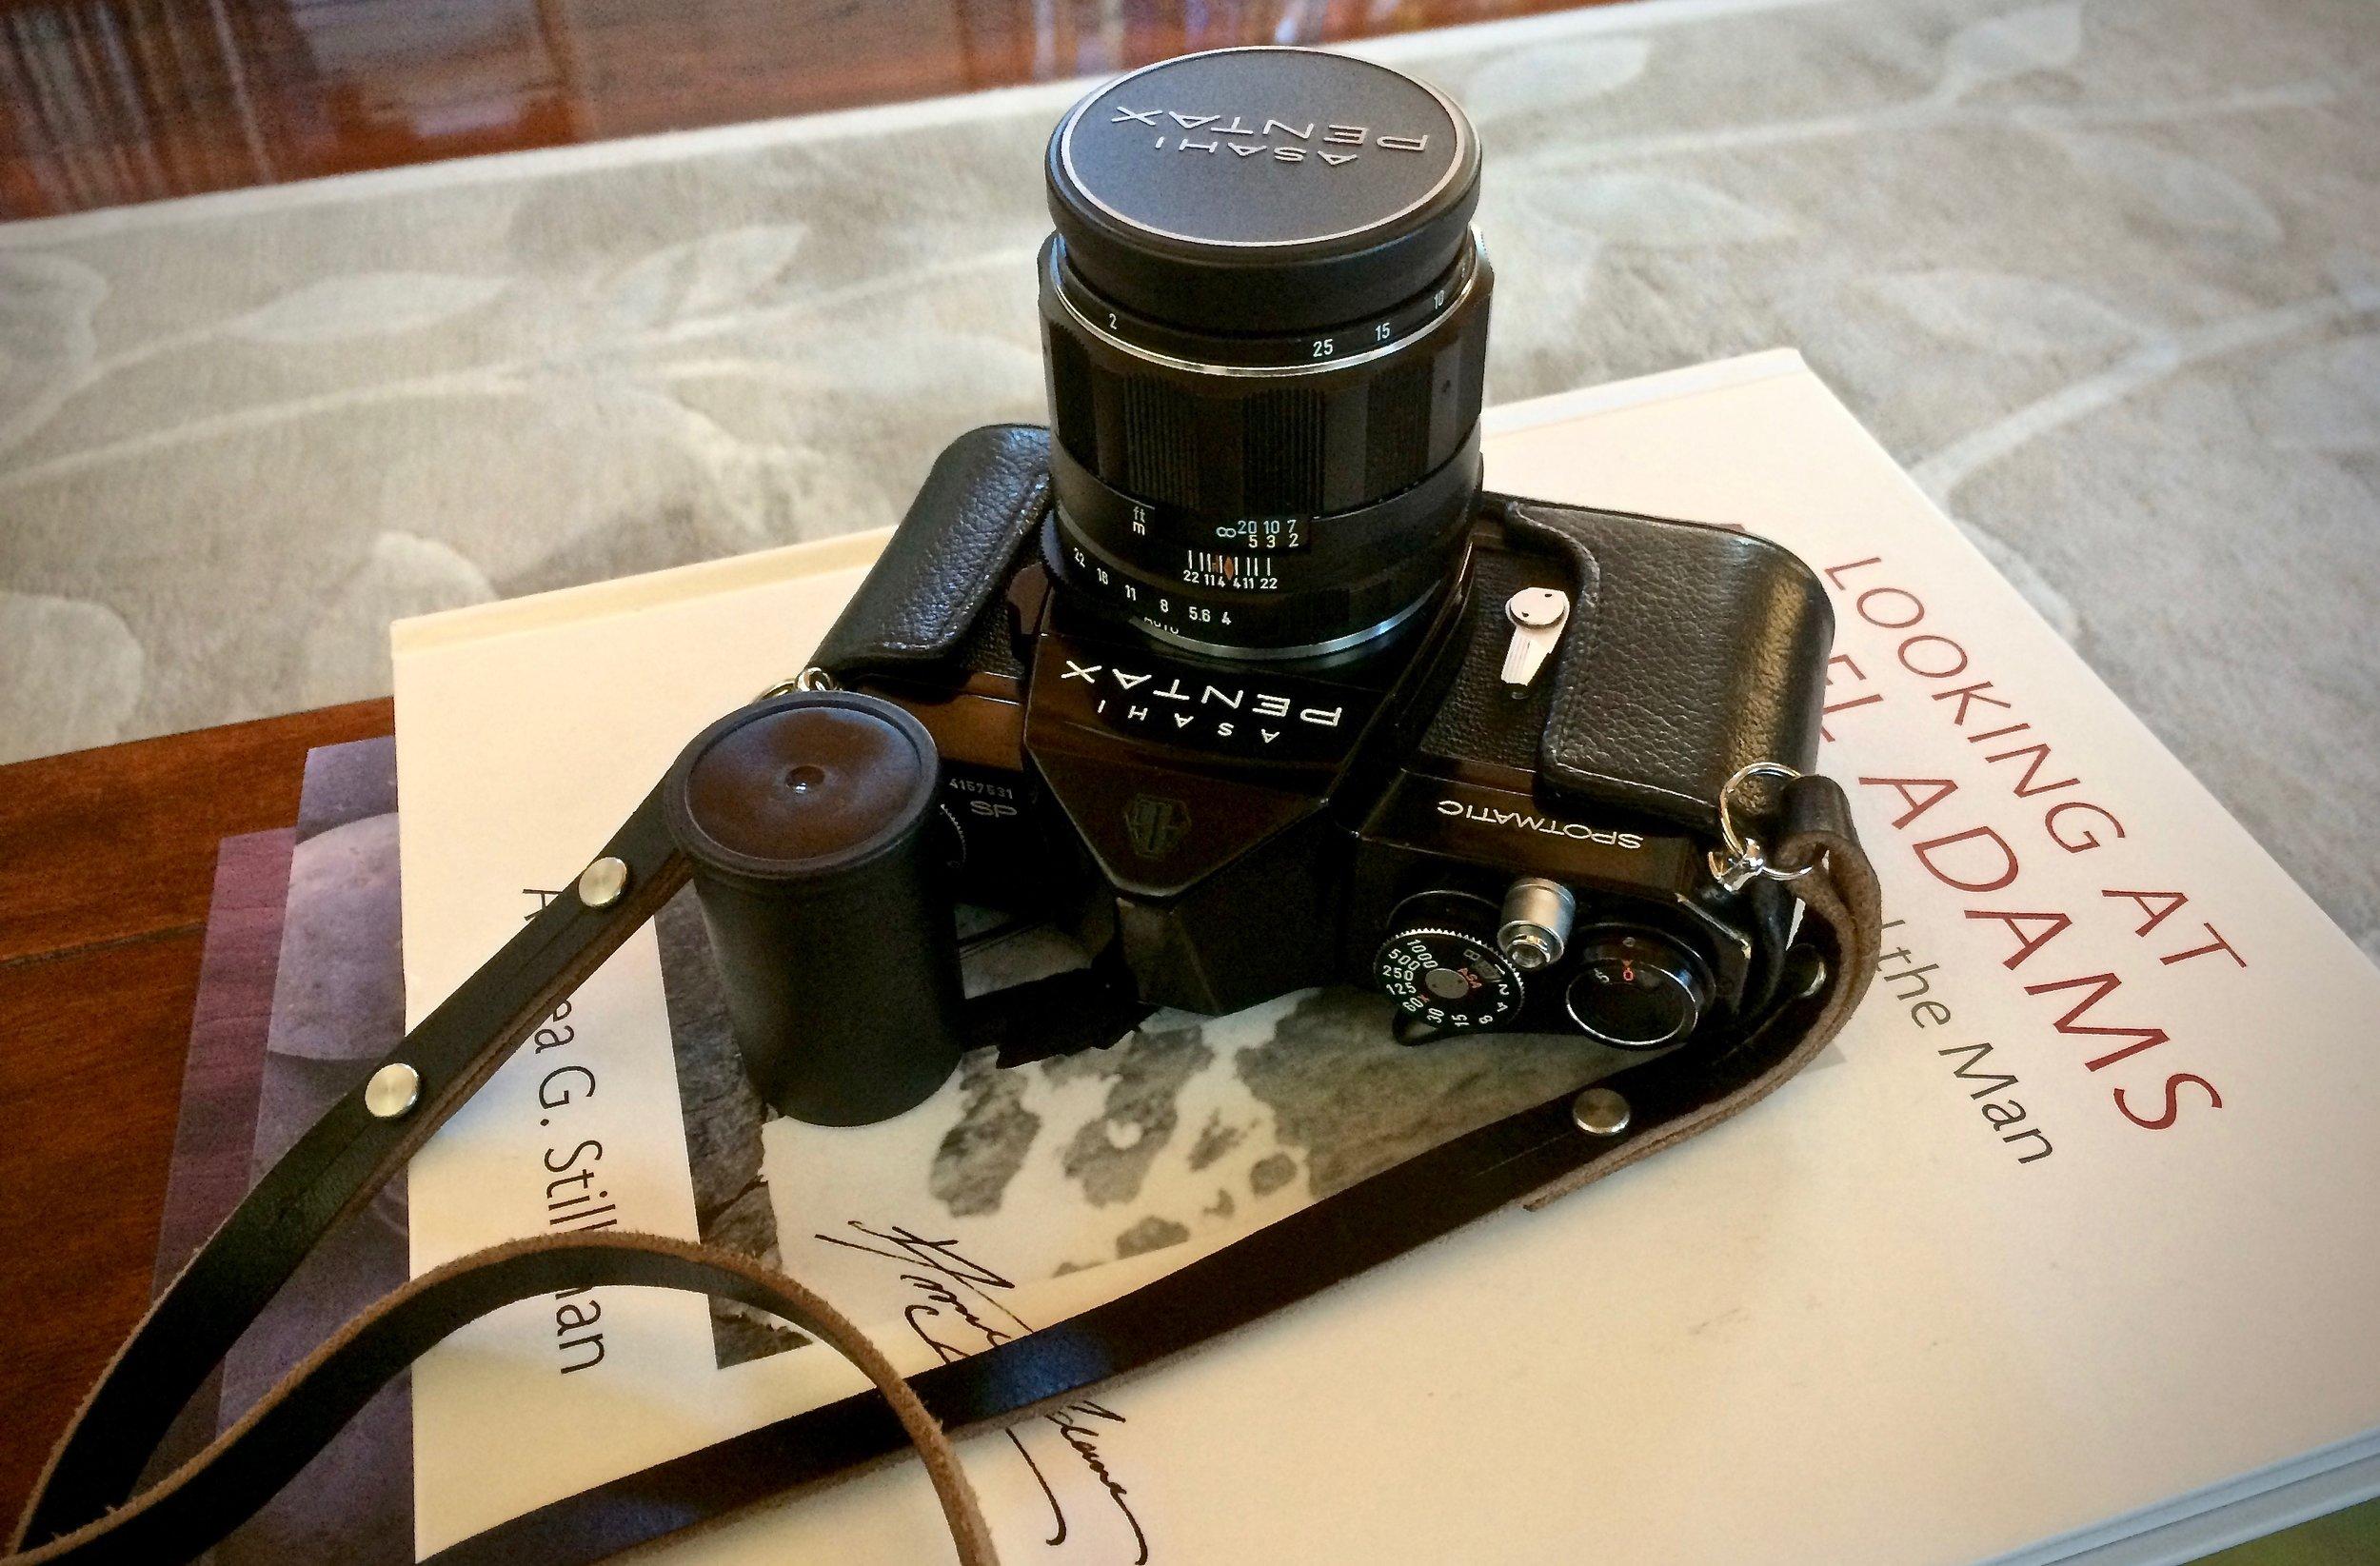 Pentax Spotmatic SP with 50mm f/4 Super Macro Takumar